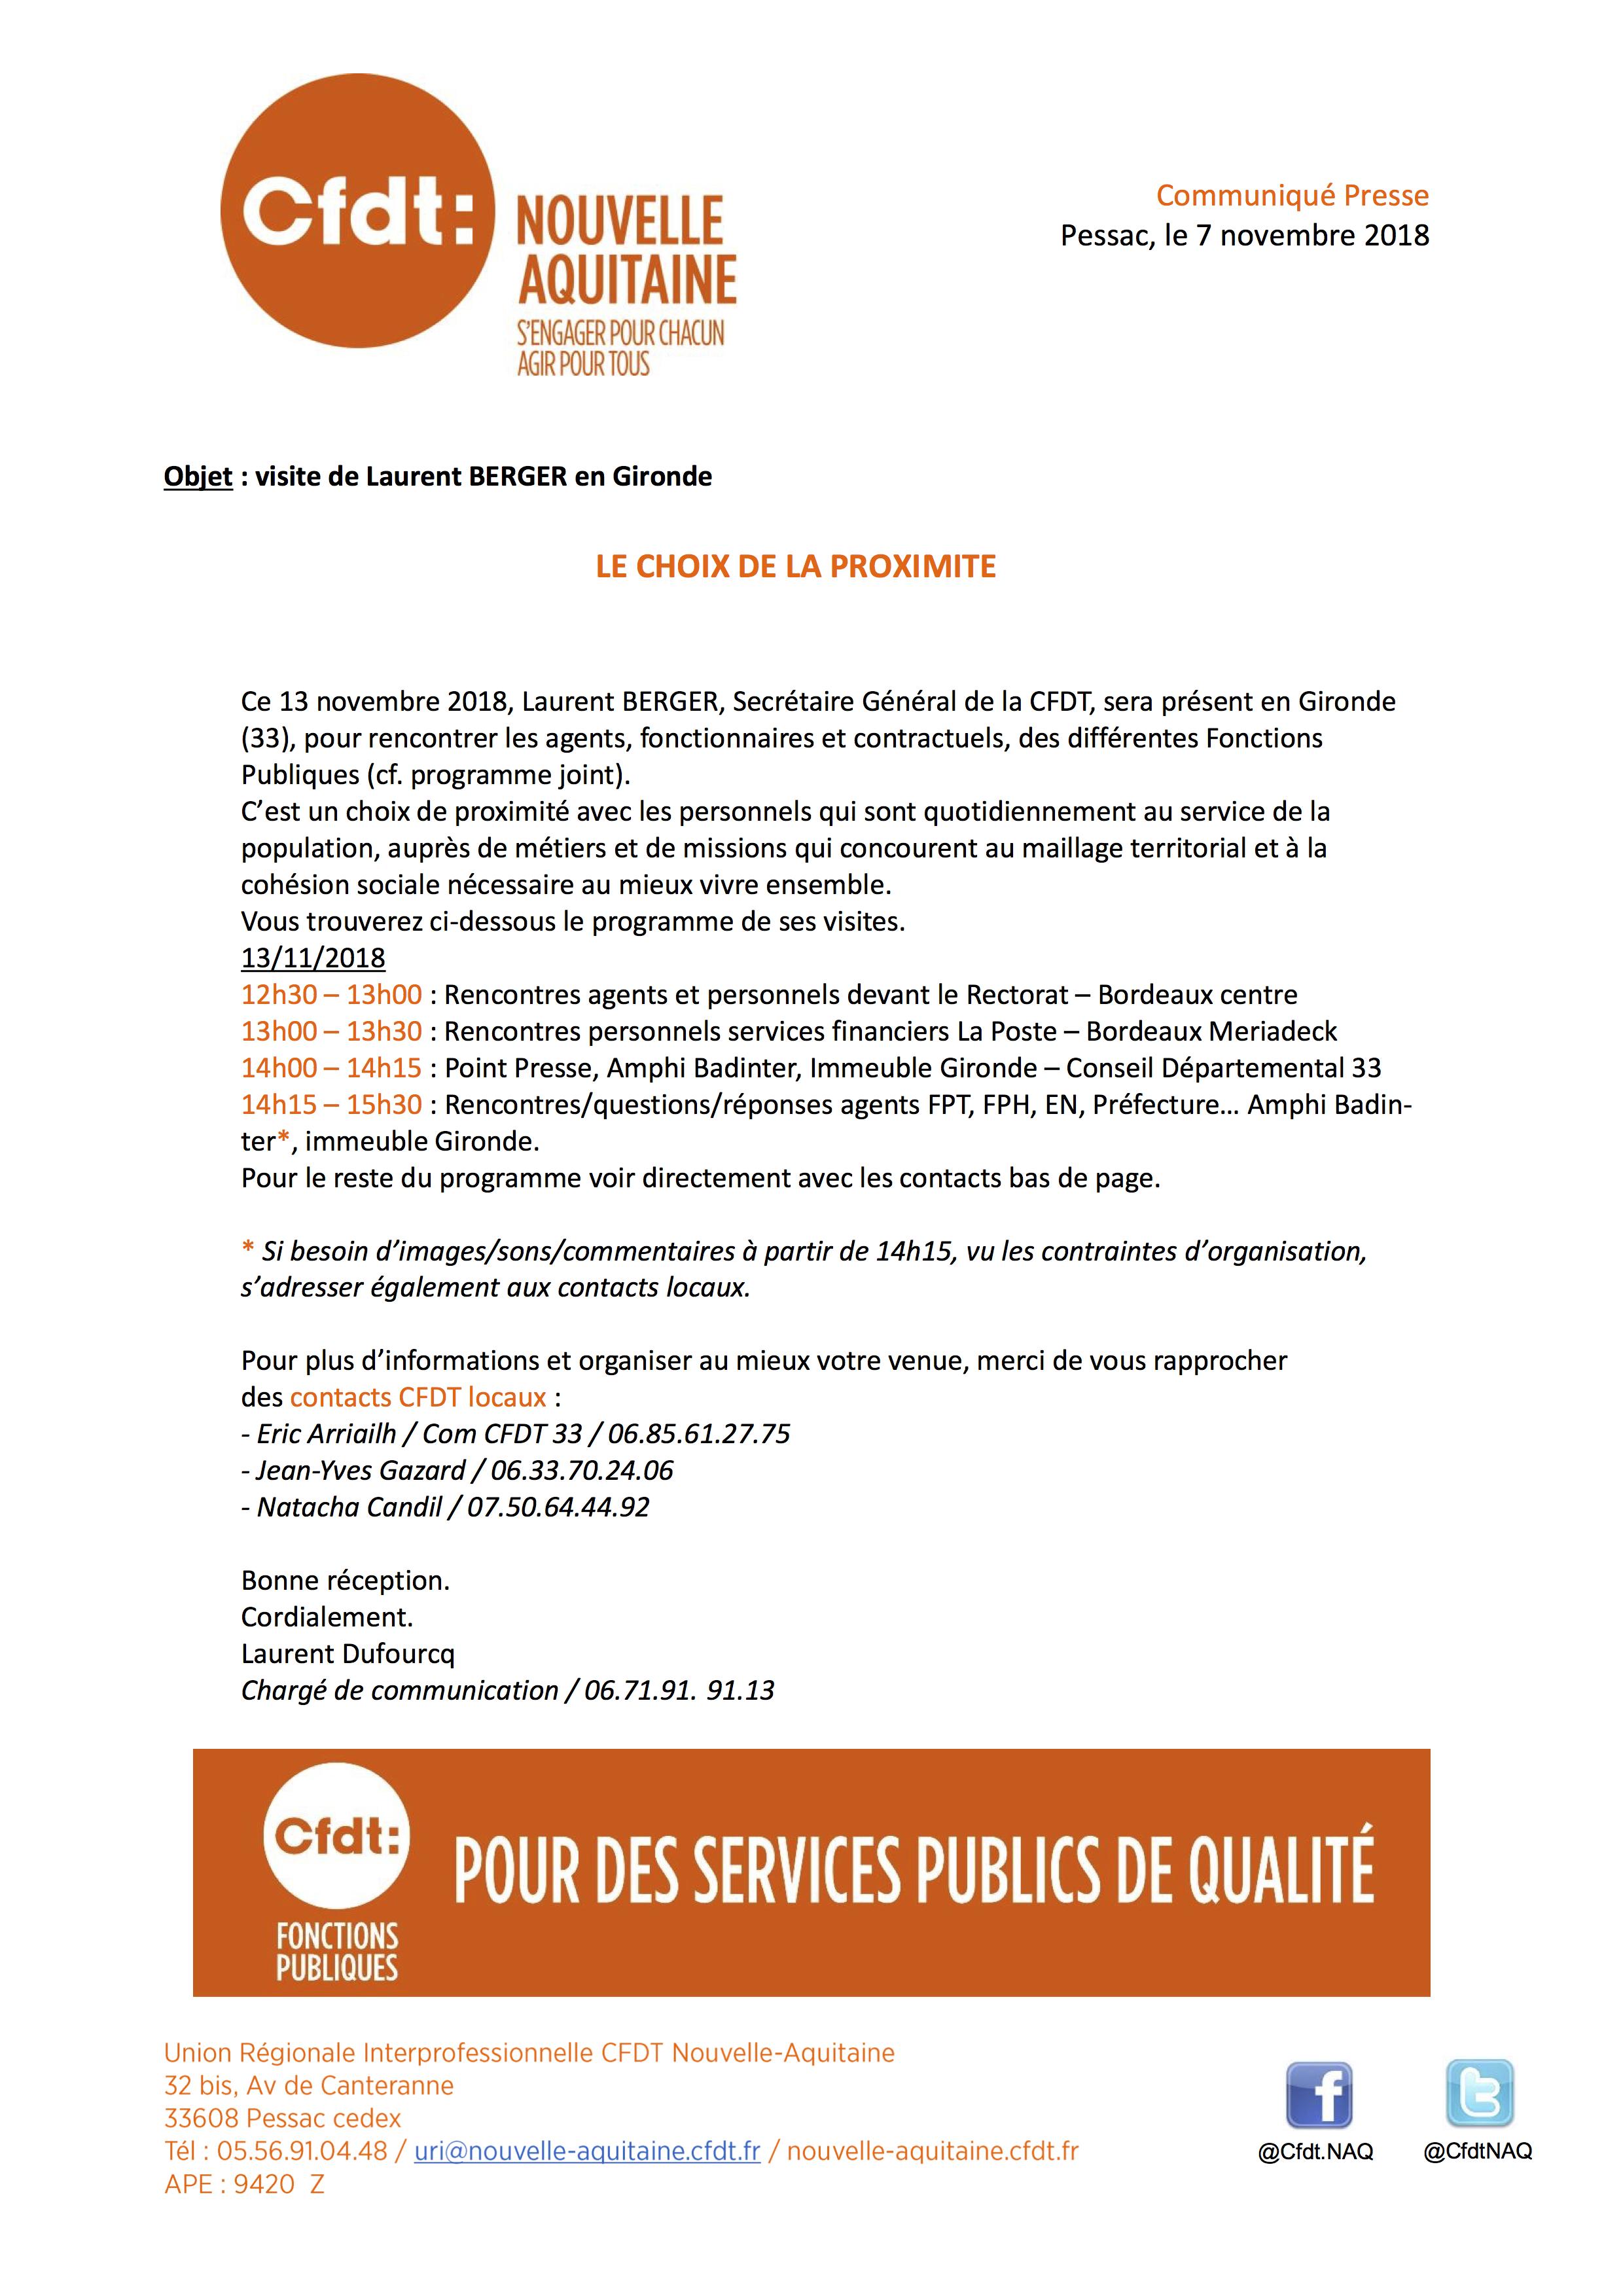 communique-presse-cfdt-nouvelle-aquitaine-laurent-berger-en-gironde